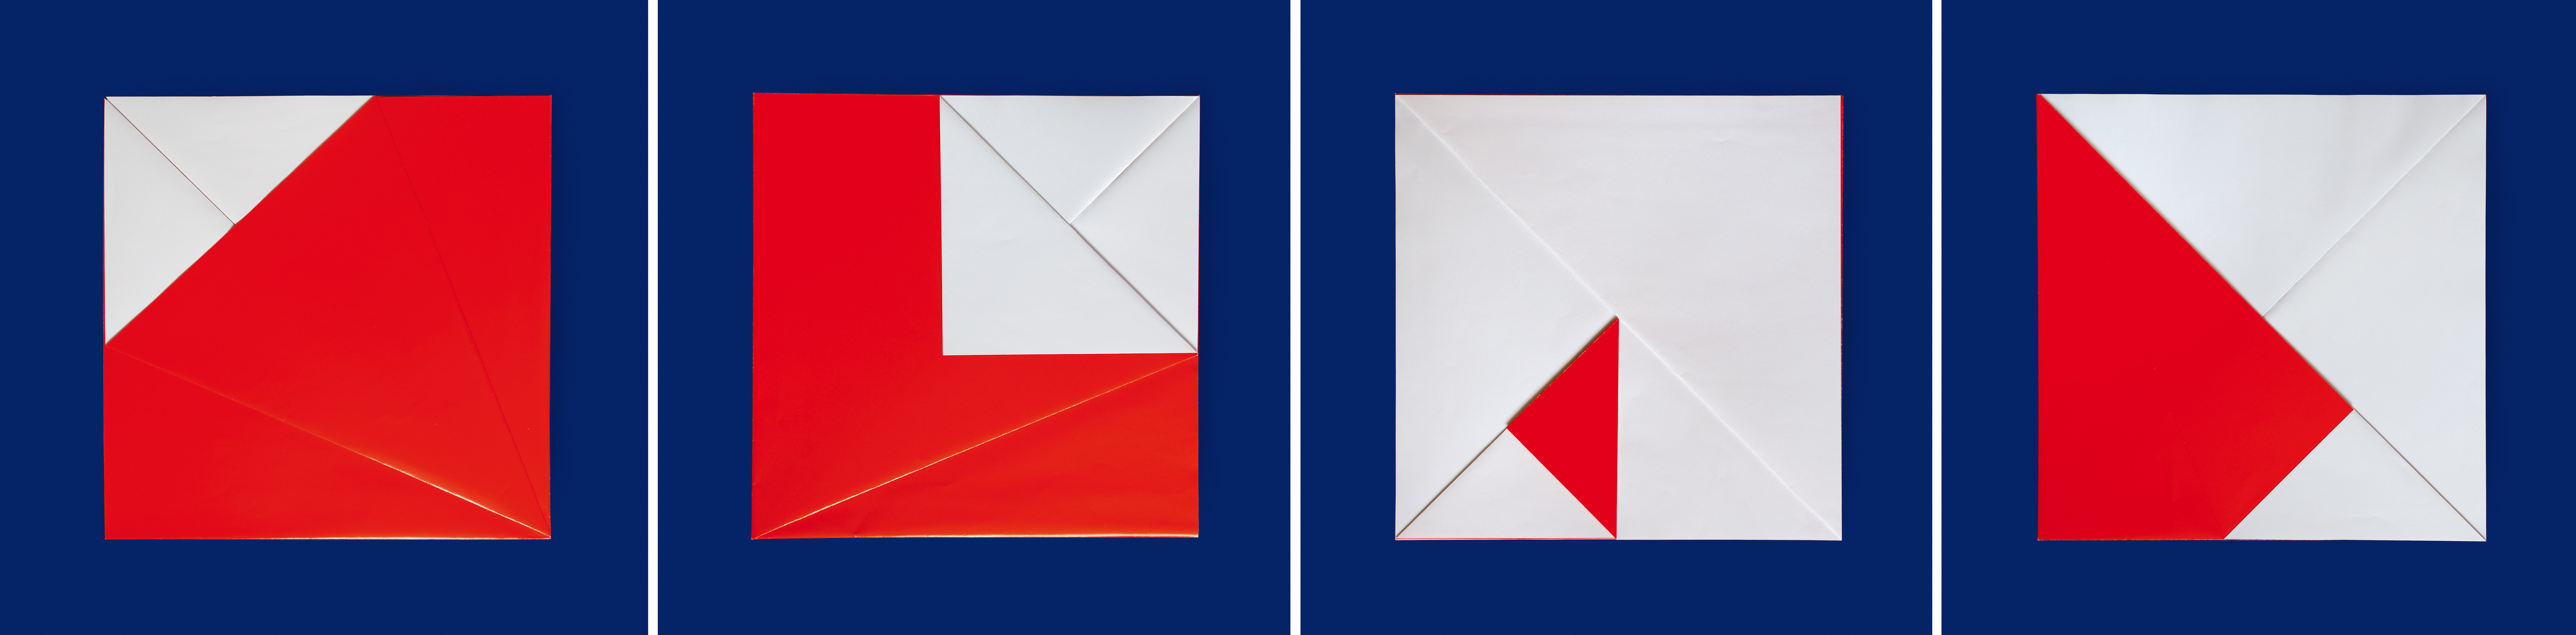 12. a/b/c/d motiv, je 50 x 50 cm, faltung/papier